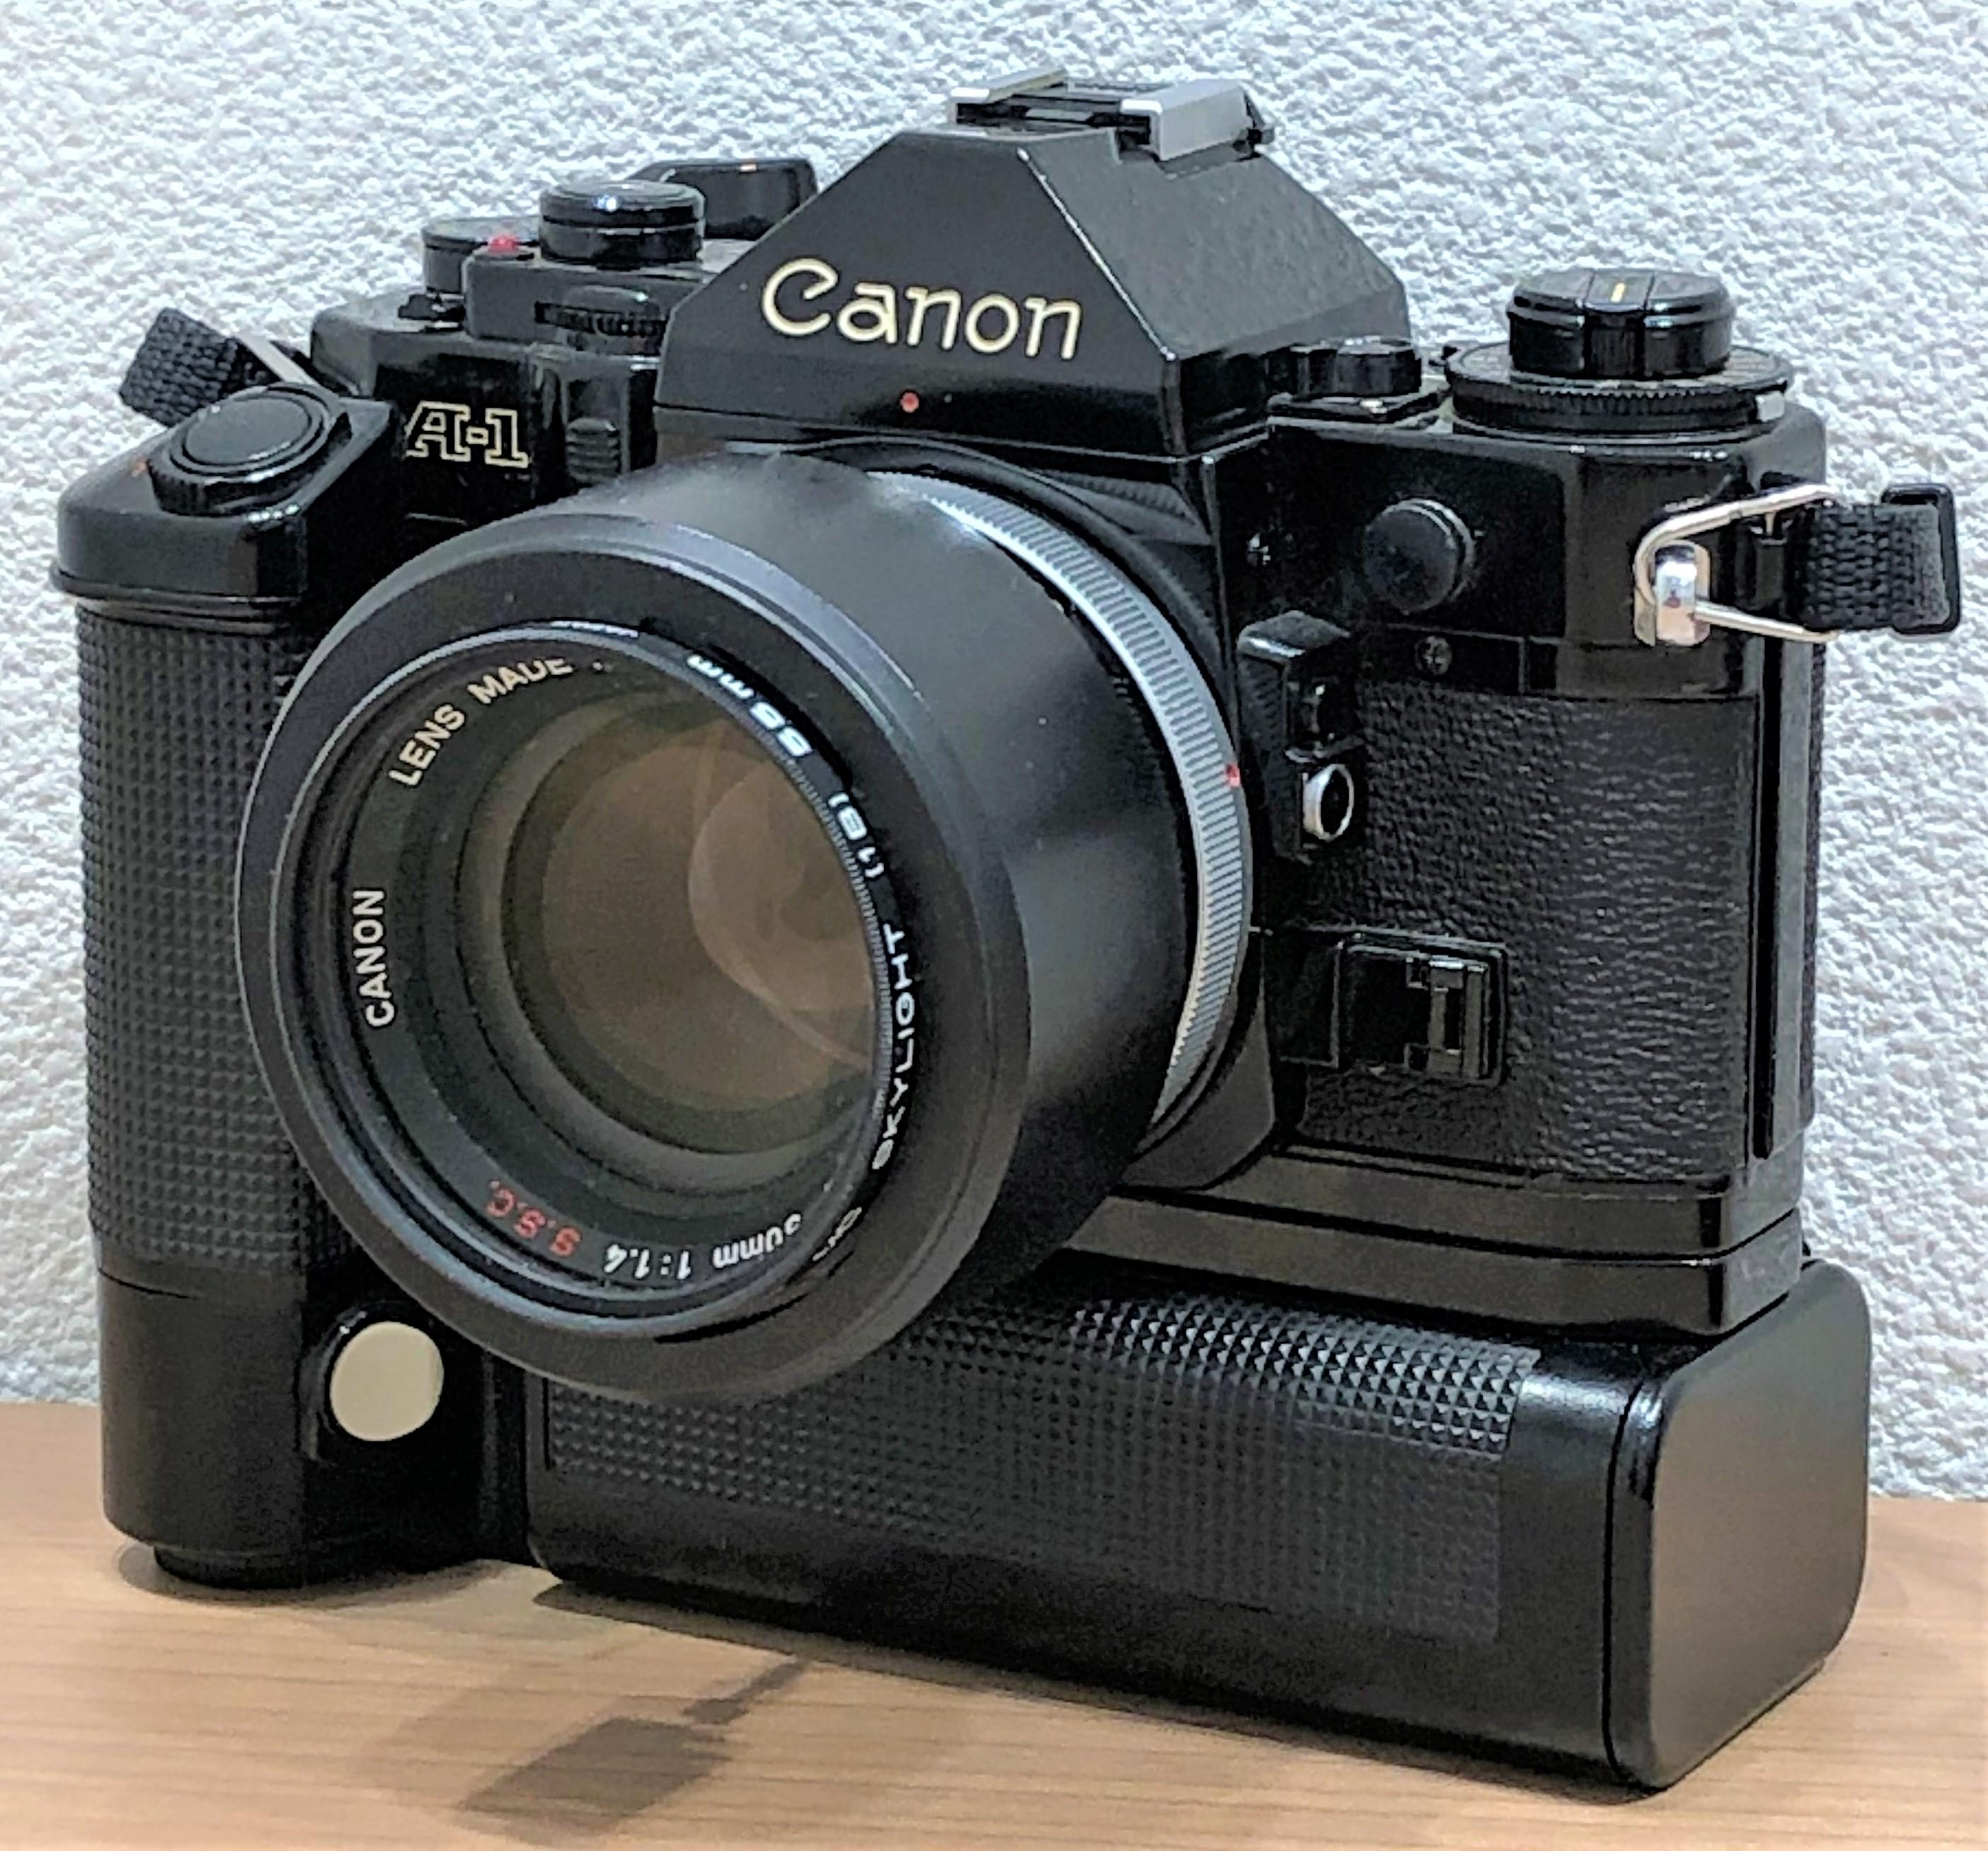 【Canon/キャノン】A-1 一眼レフフィルムカメラ